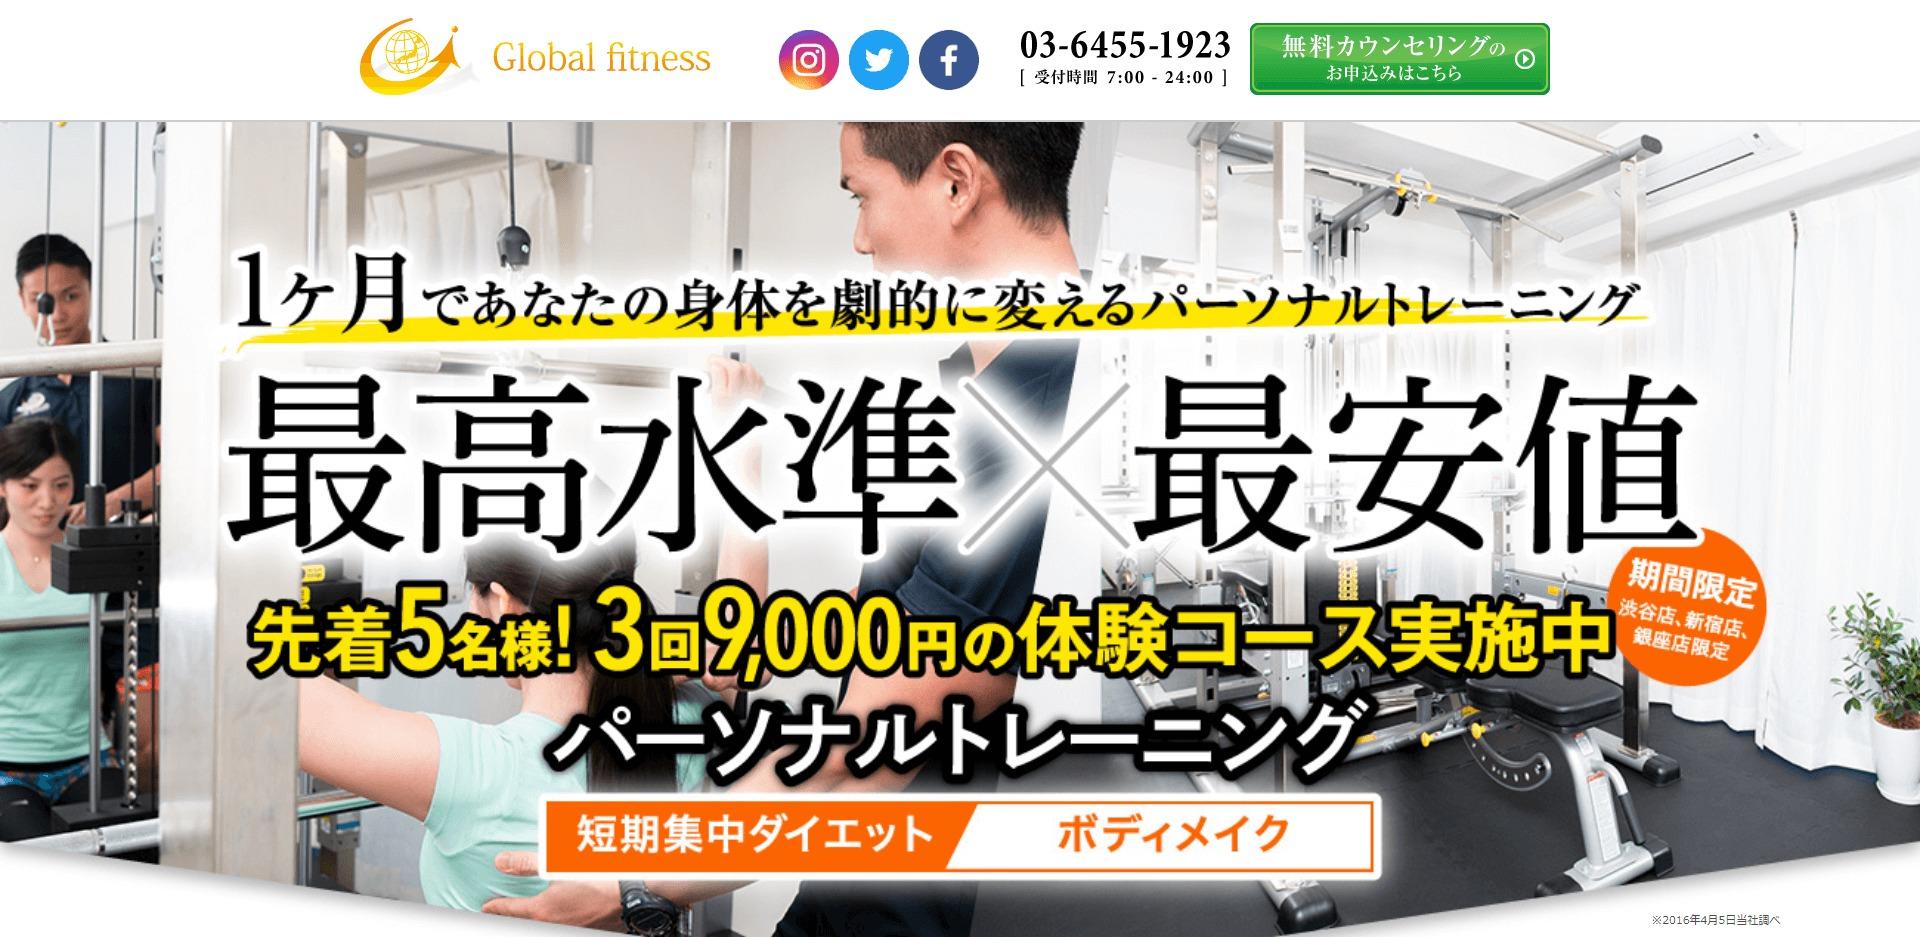 銀座エリアでおすすめのパーソナルトレーニングジム「Global fitness(グローバルフィットネス)銀座店」